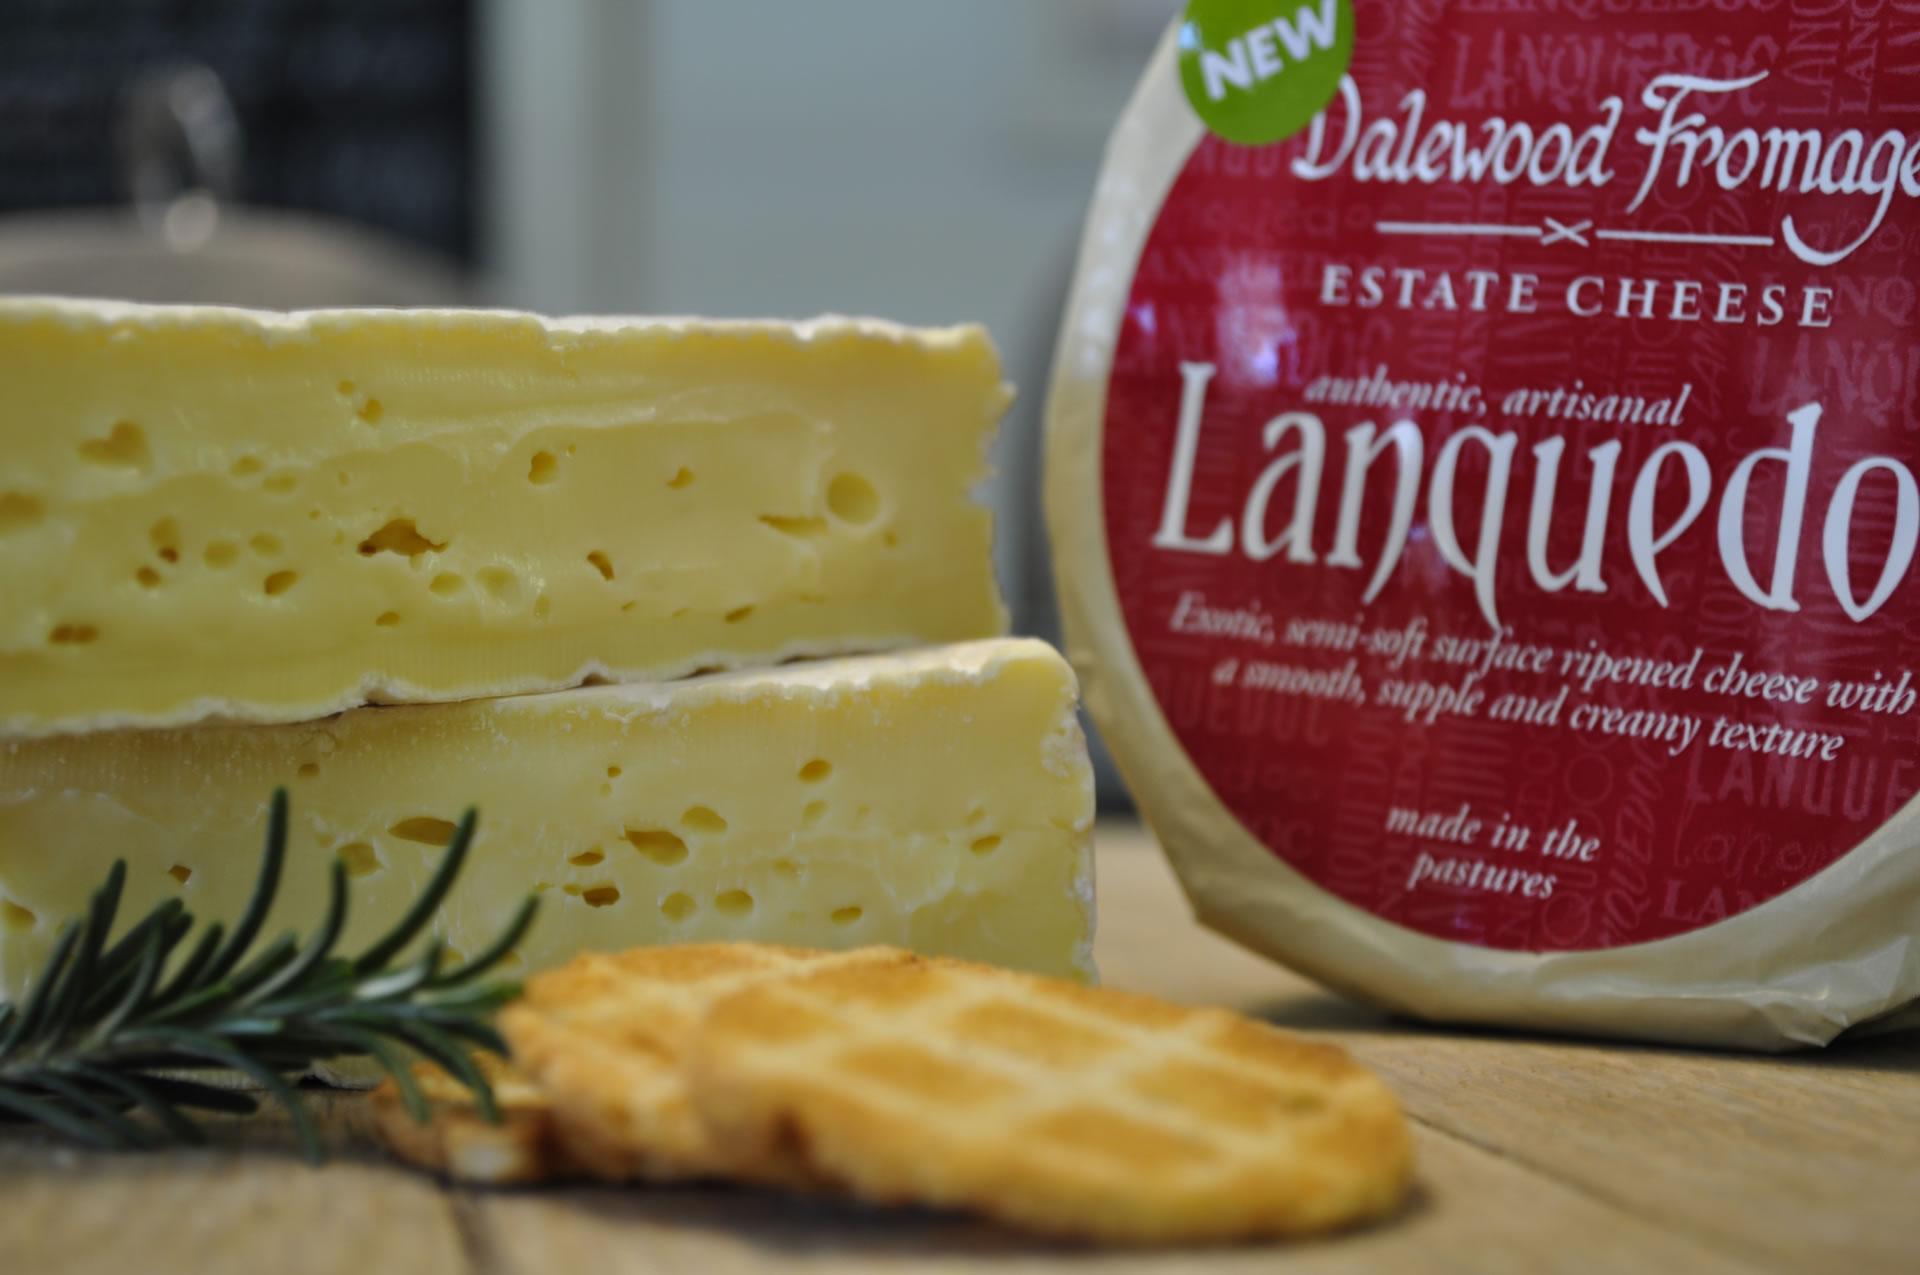 Dalewood Lanquedoc